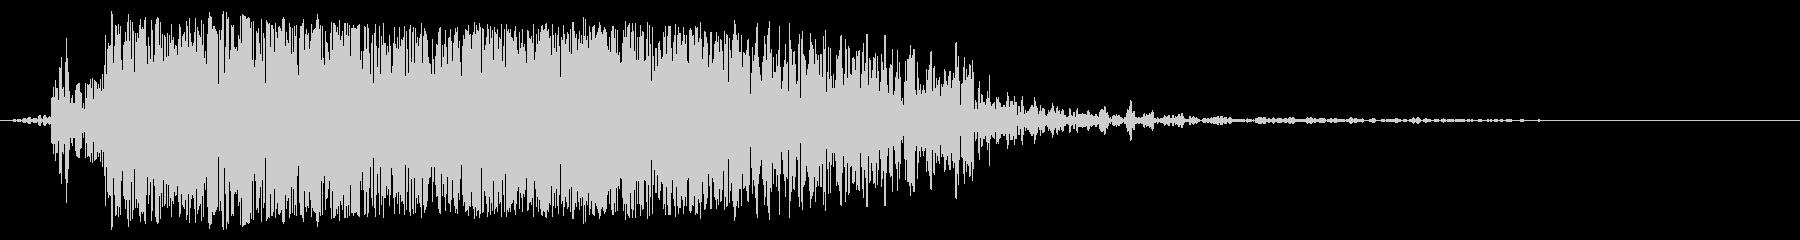 カリカリ、ピアスメタルインパクト、...の未再生の波形